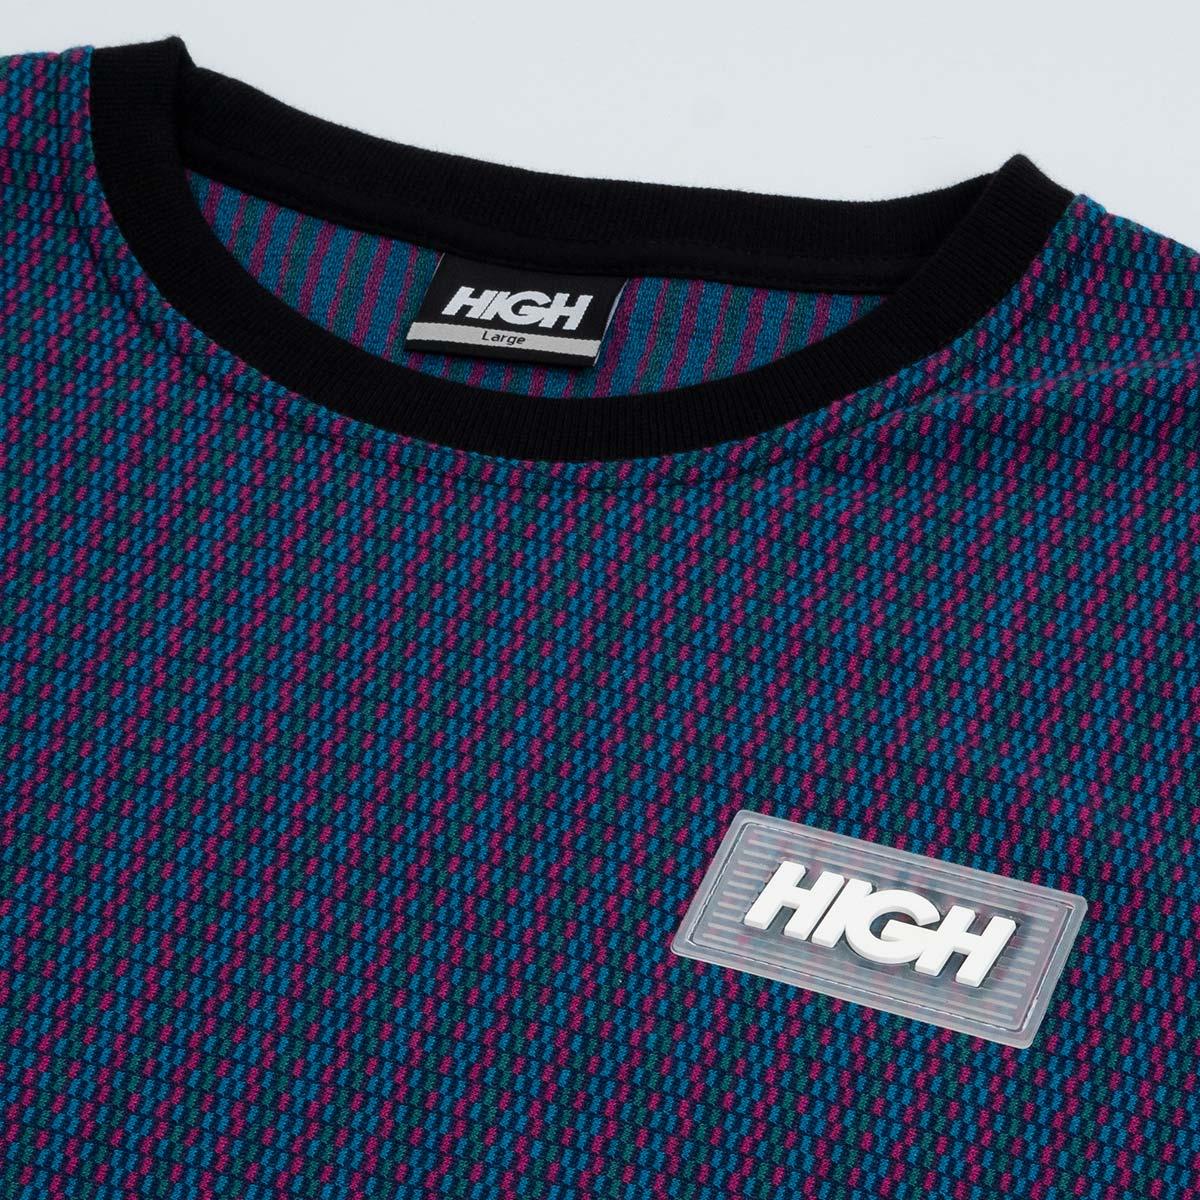 Camiseta High Kinitted Tee Blocks Black